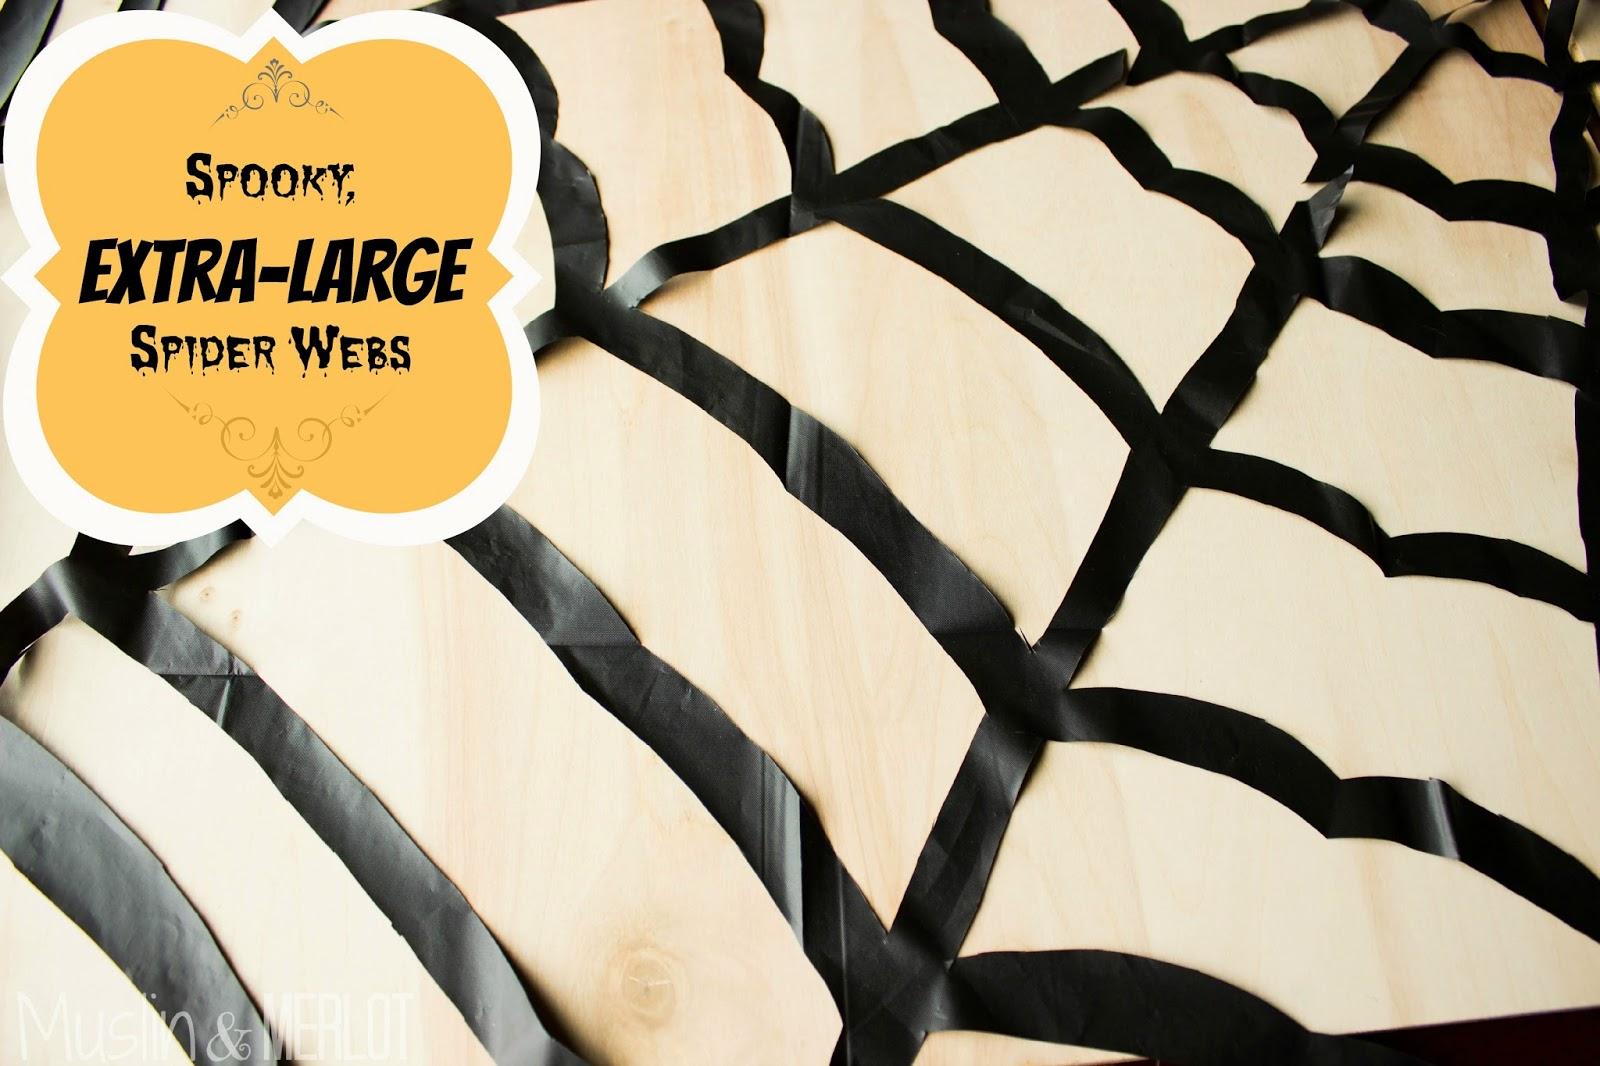 http://muslinandmerlot.blogspot.com/2014/08/huge-plastic-spiderweb.html